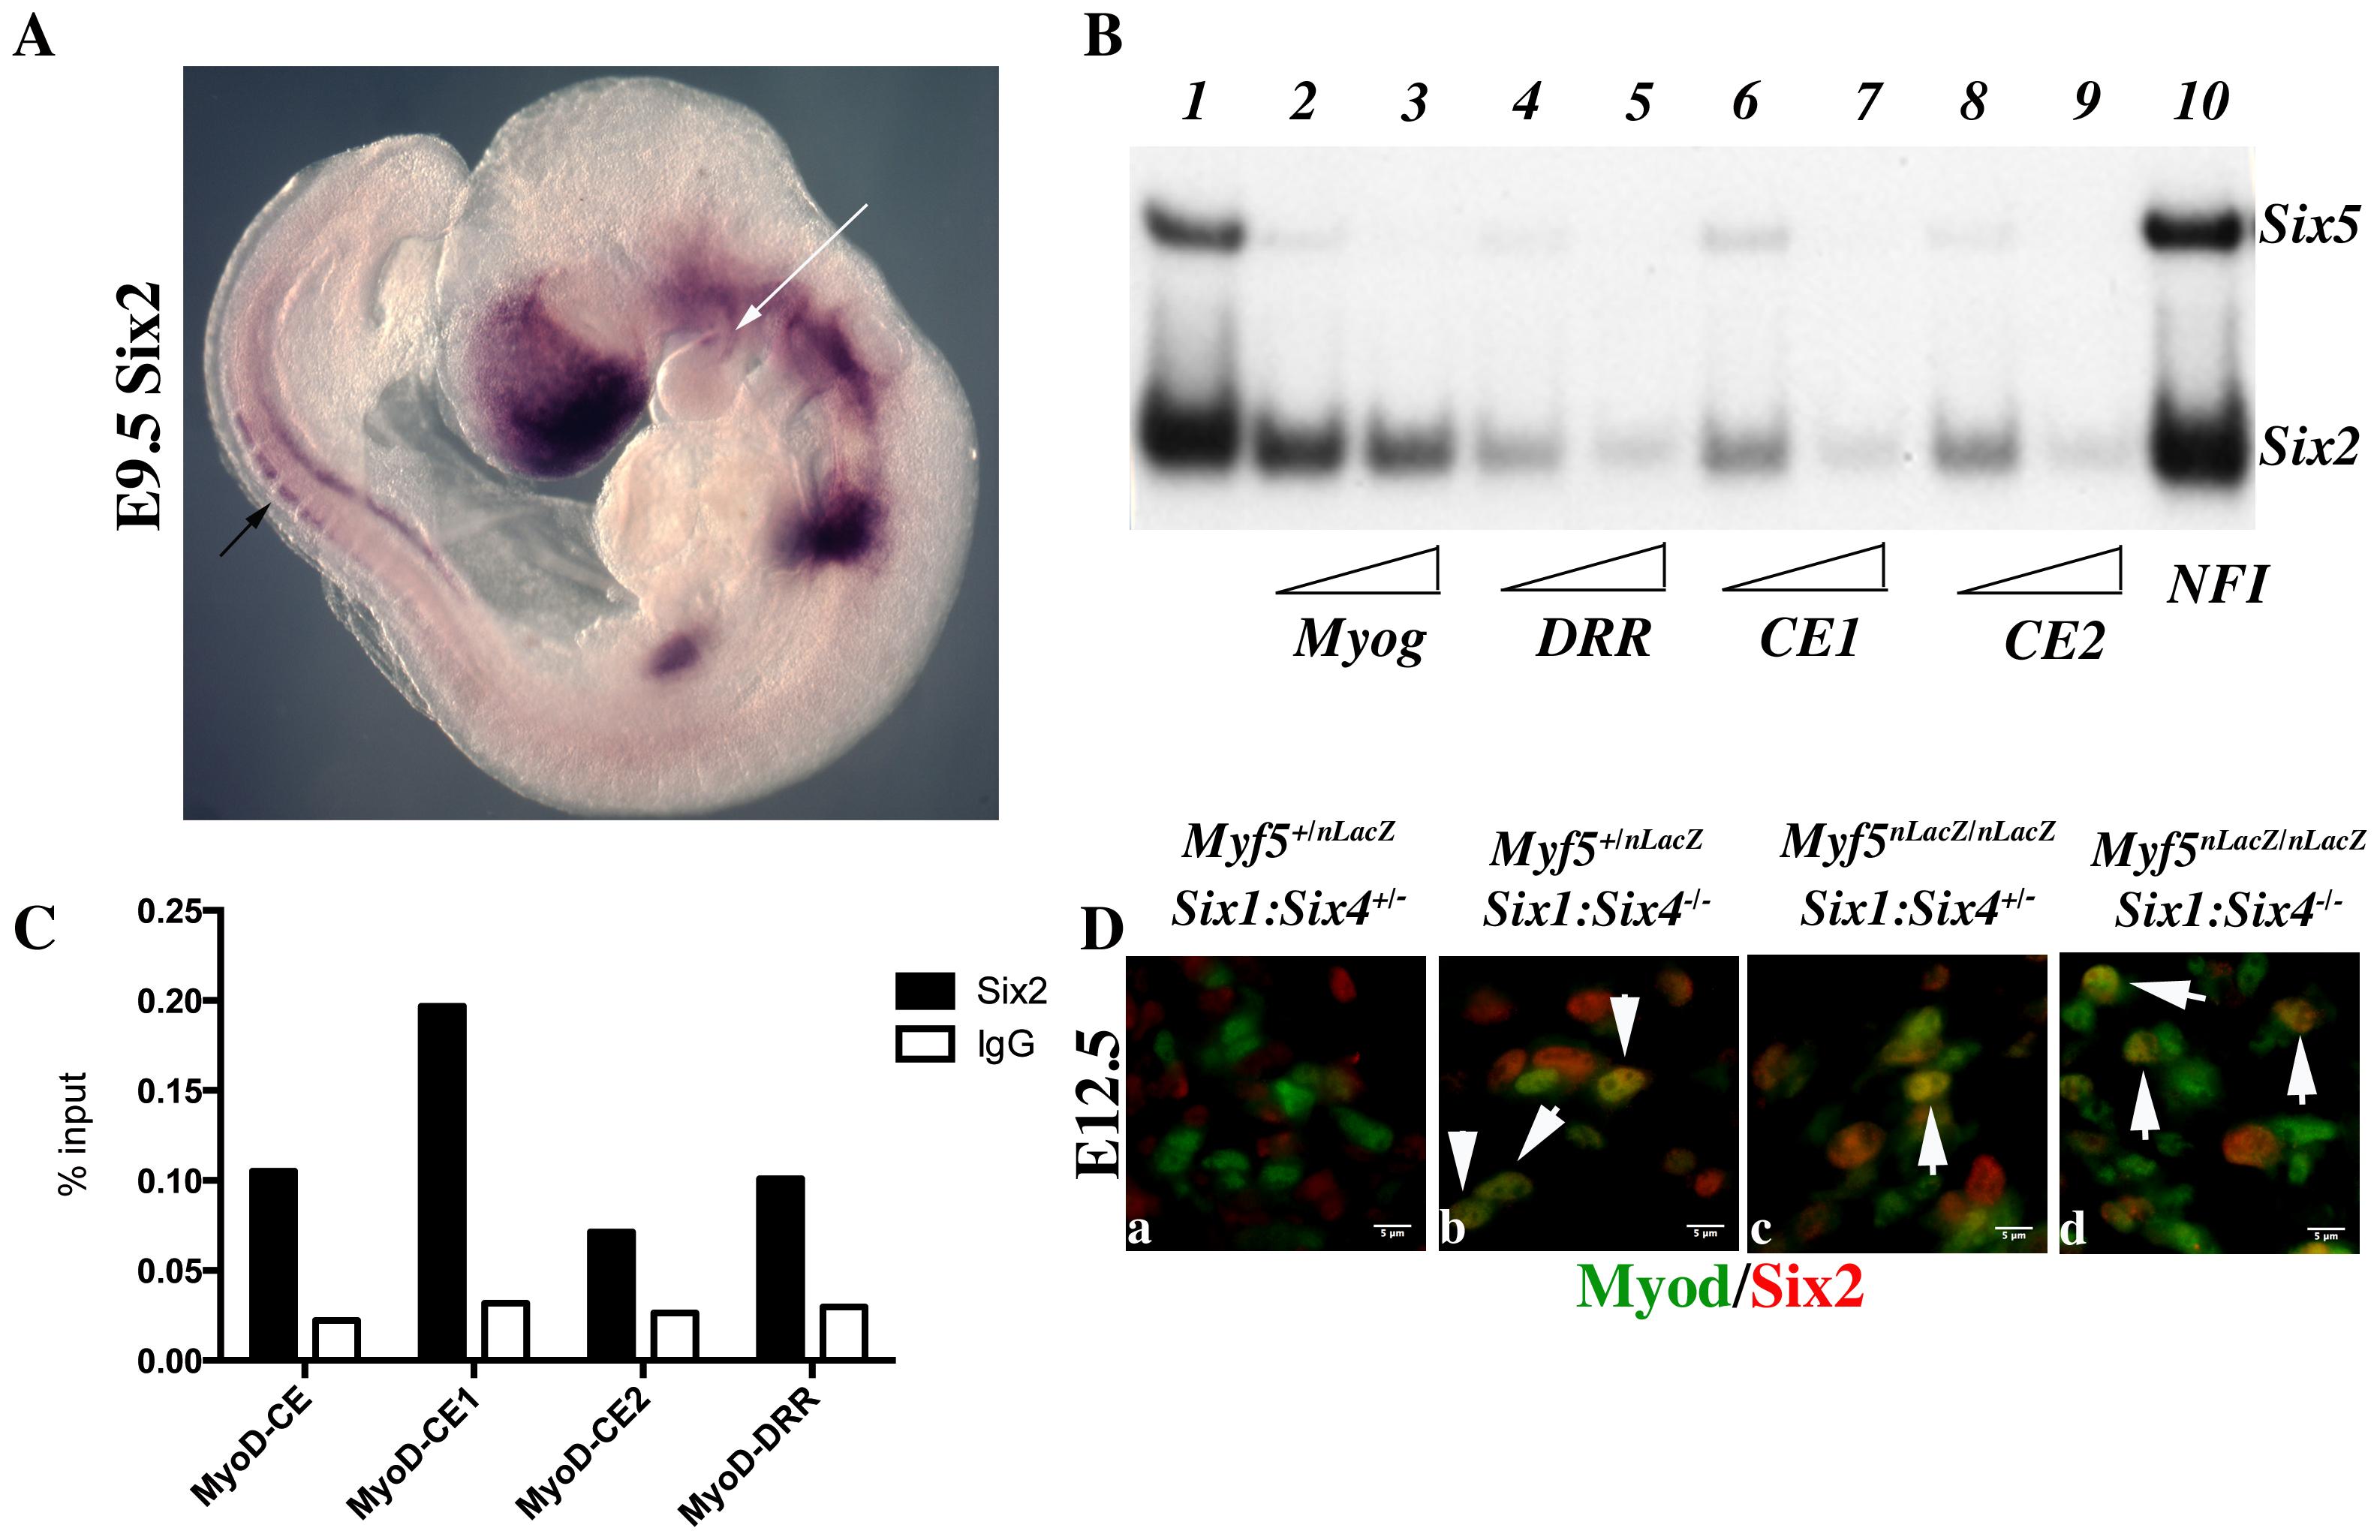 Six2 proteins bind <i>Myod</i> regulatory elements.